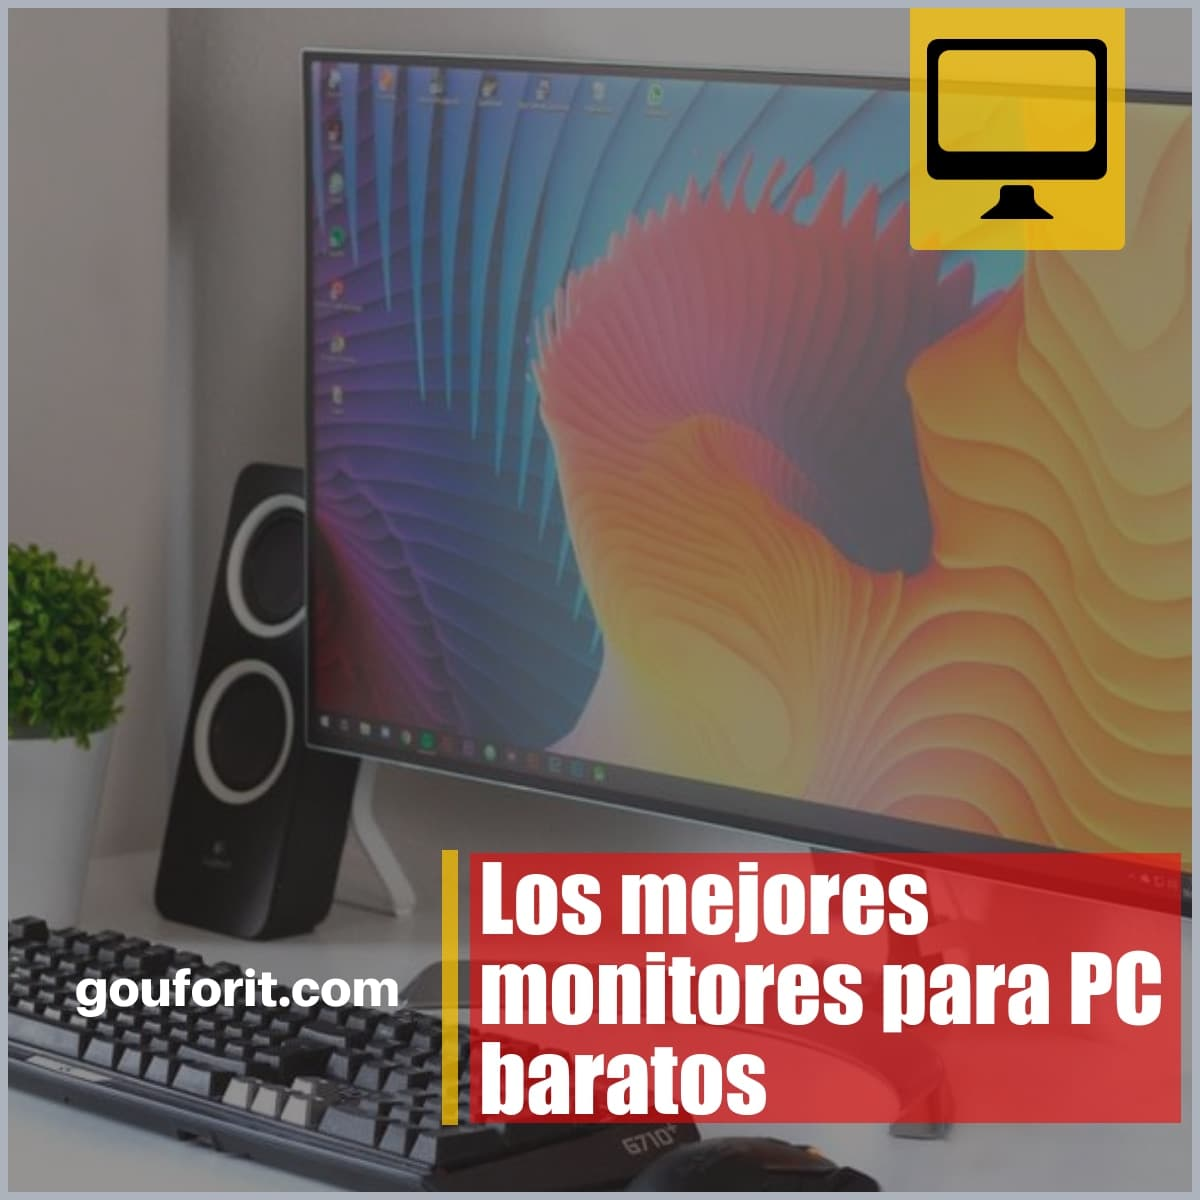 Los mejores monitores para PC baratos